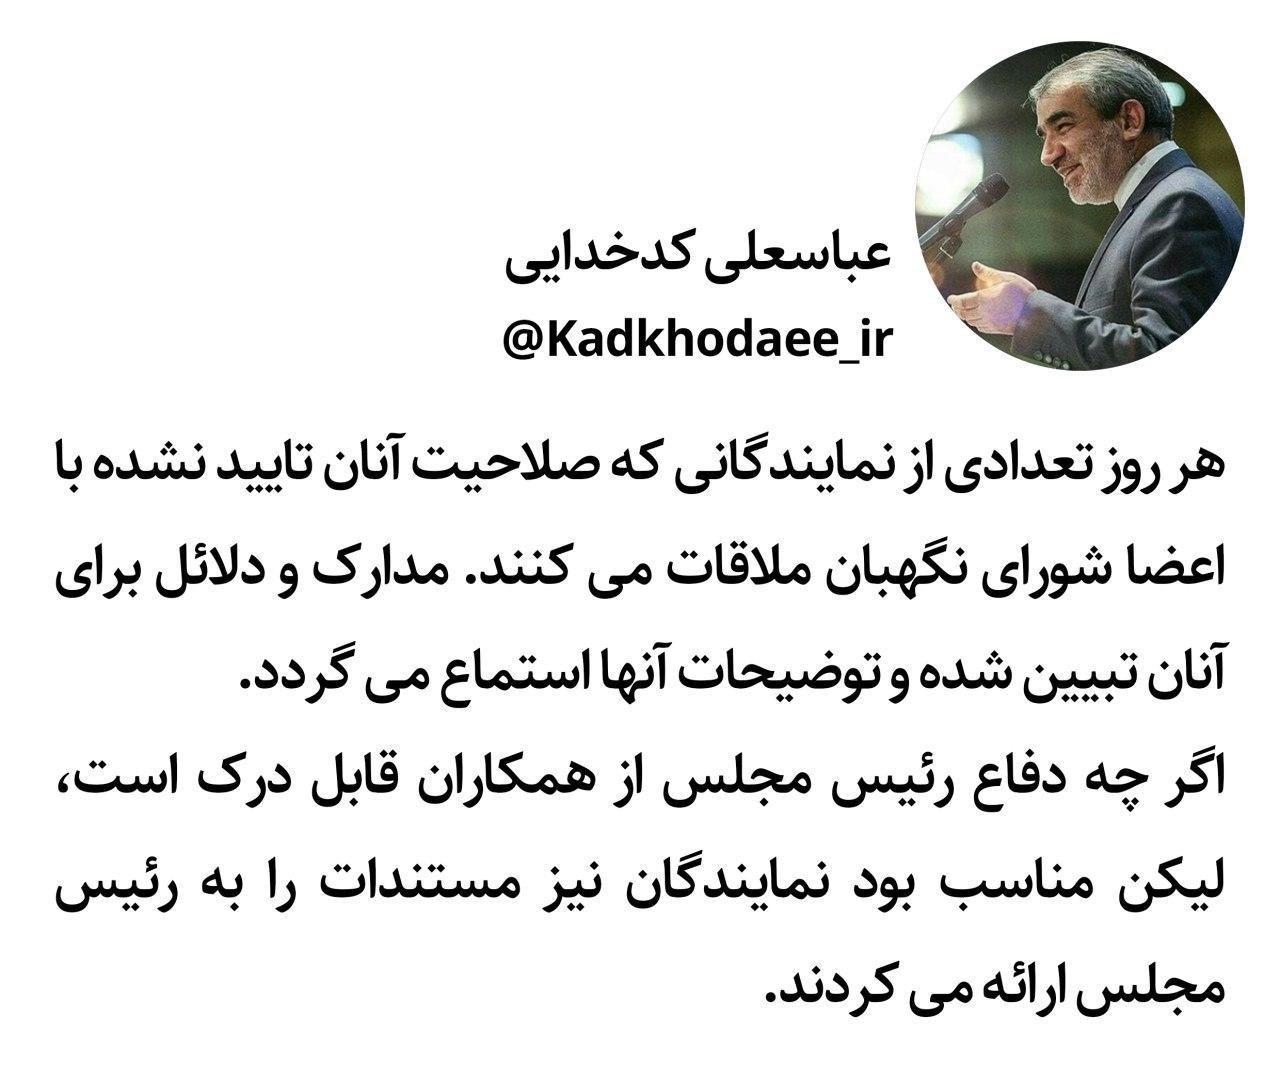 عباسعلی کدخدایی , شورای نگهبان , حقوقدانان شورای نگهبان , سخنگوی شورای نگهبان ,